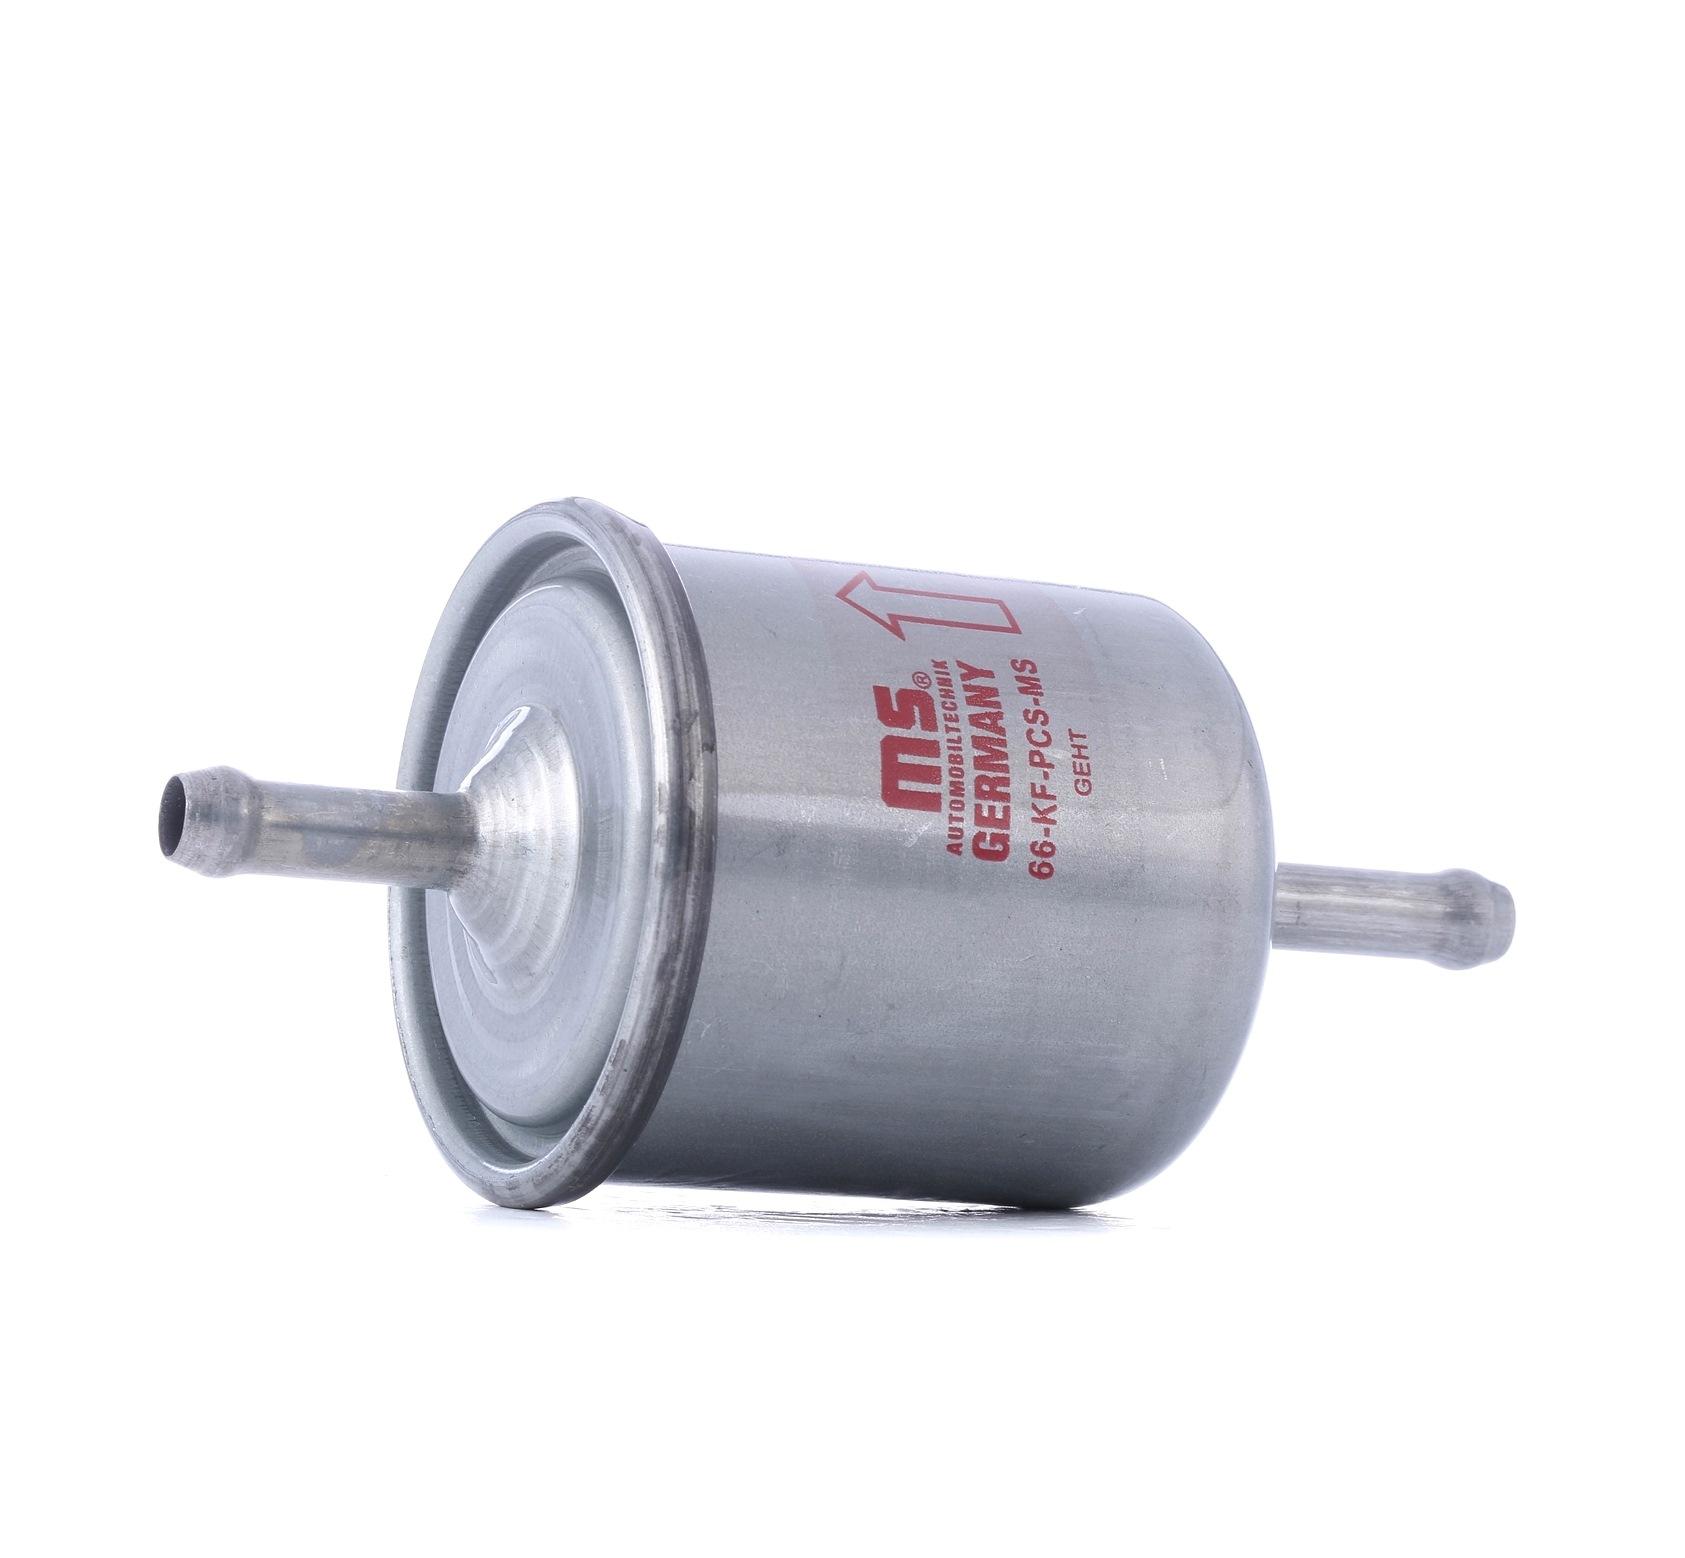 Achetez Filtre à carburant MASTER-SPORT 66-KF-PCS-MS (Hauteur: 125mm) à un rapport qualité-prix exceptionnel